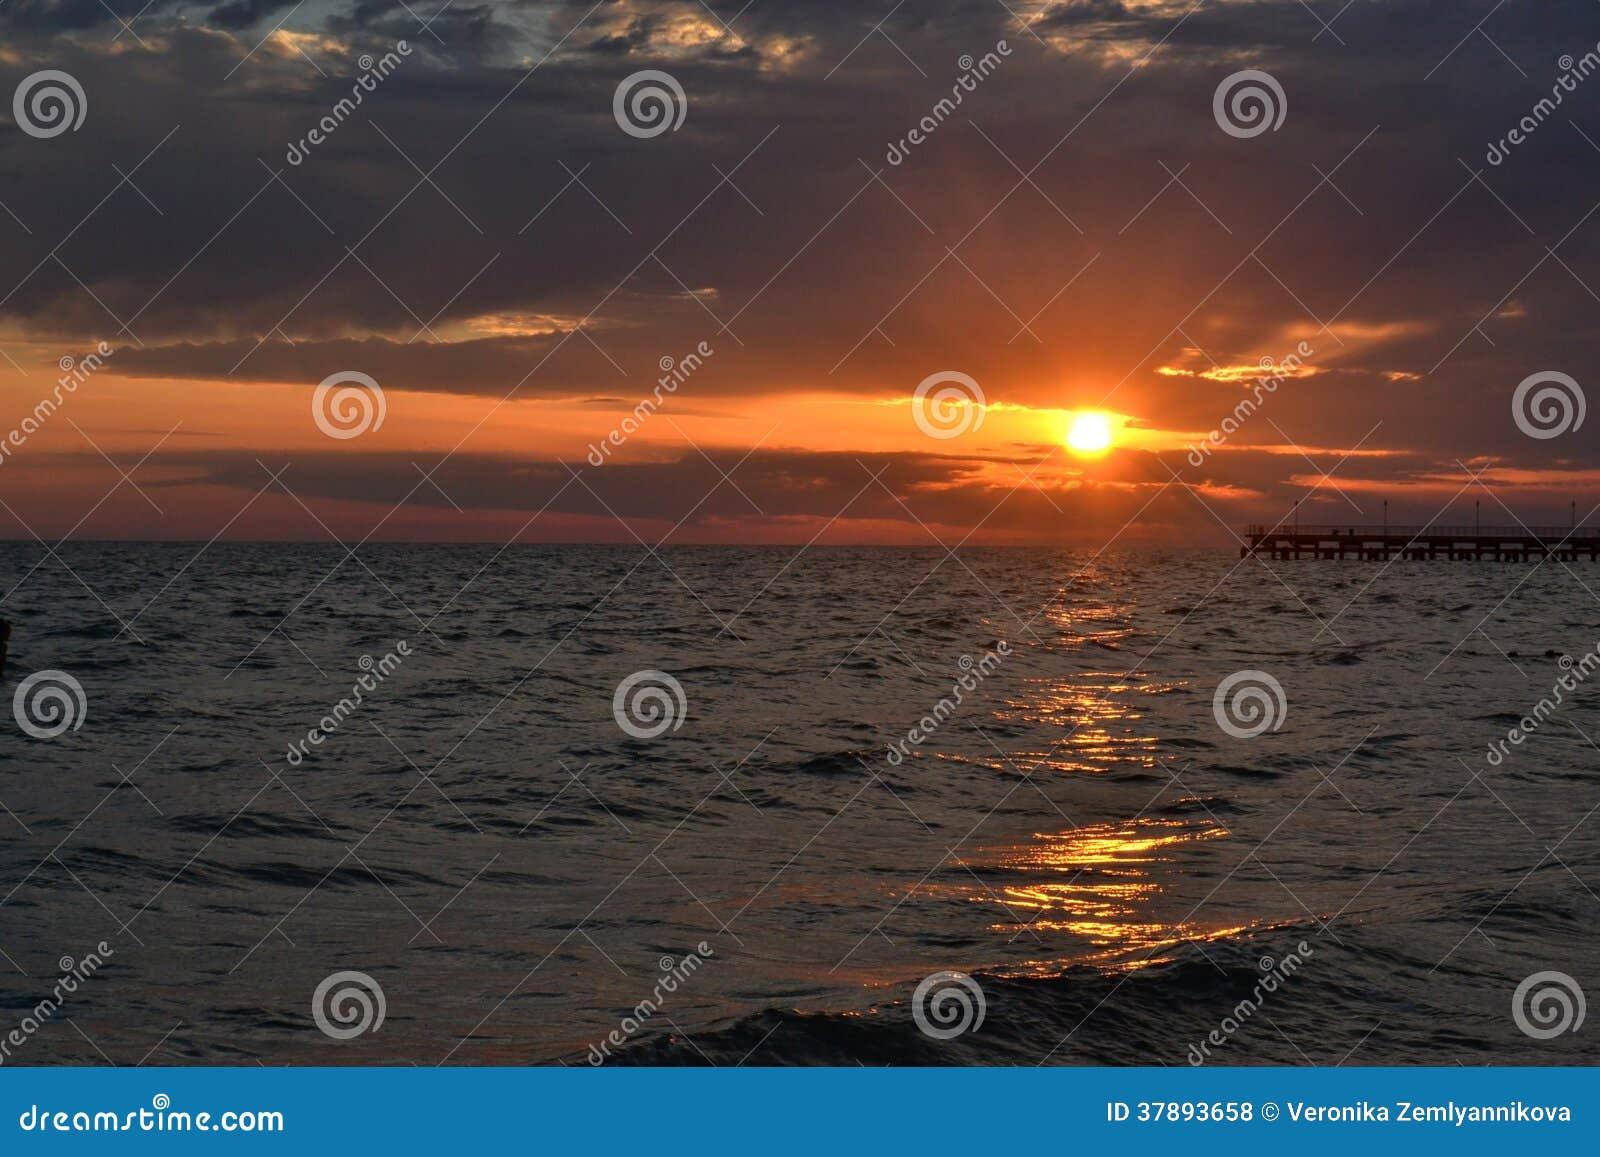 Mooie zonsondergang over het overzees.